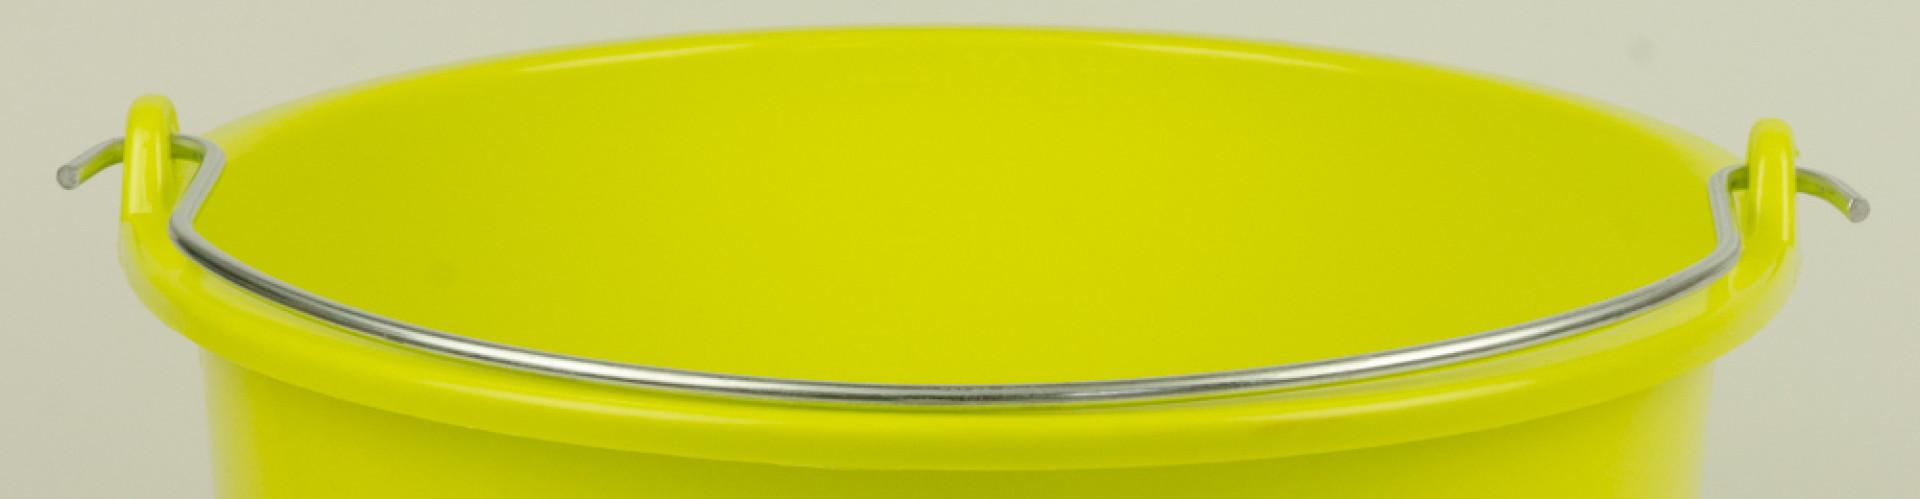 Gele emmer